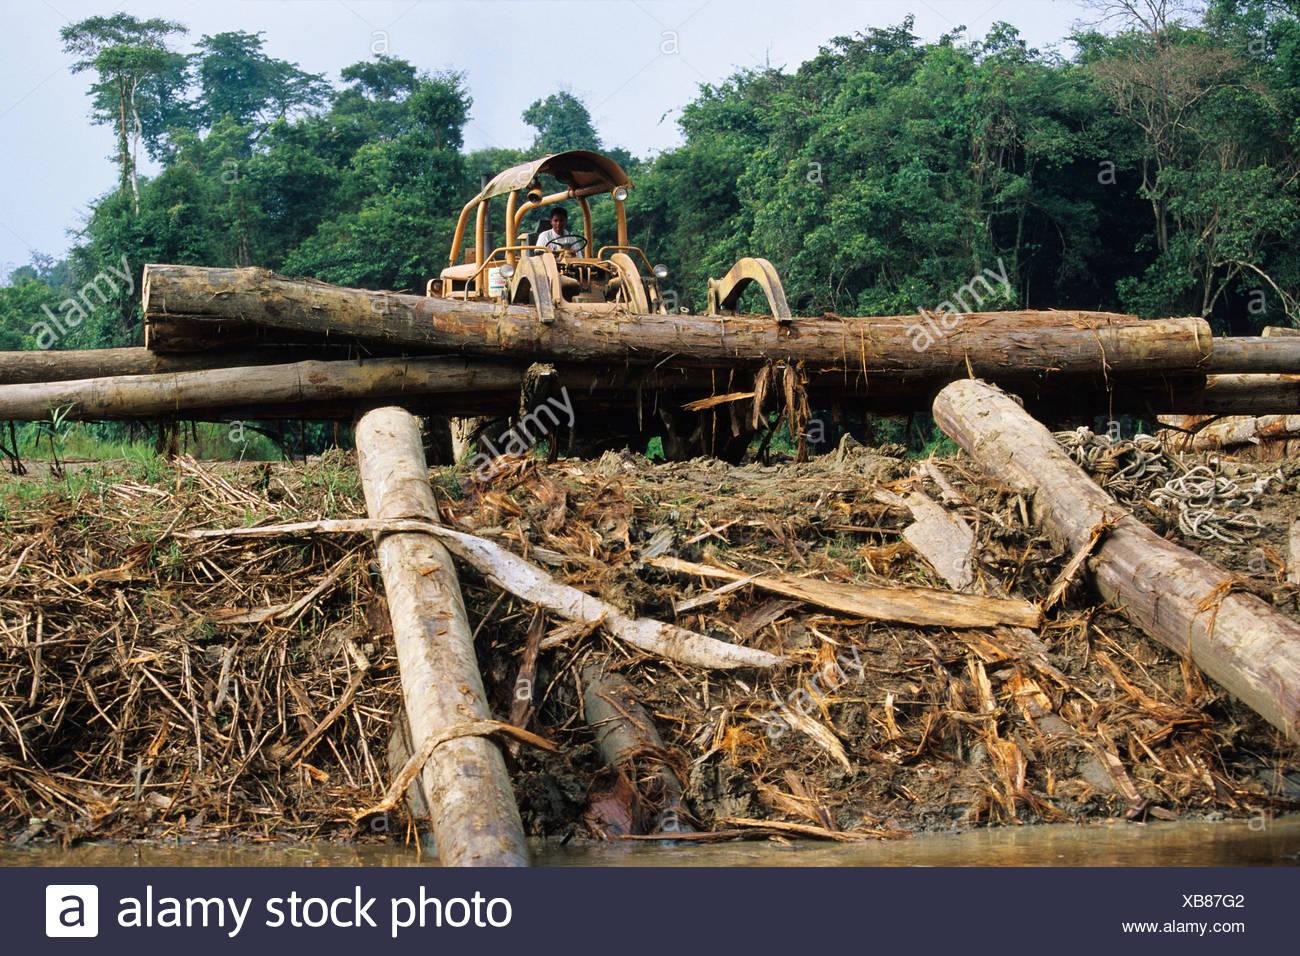 La distruzione della foresta pluviale, deforestazione, Borneo, sud-est asiatico Immagini Stock